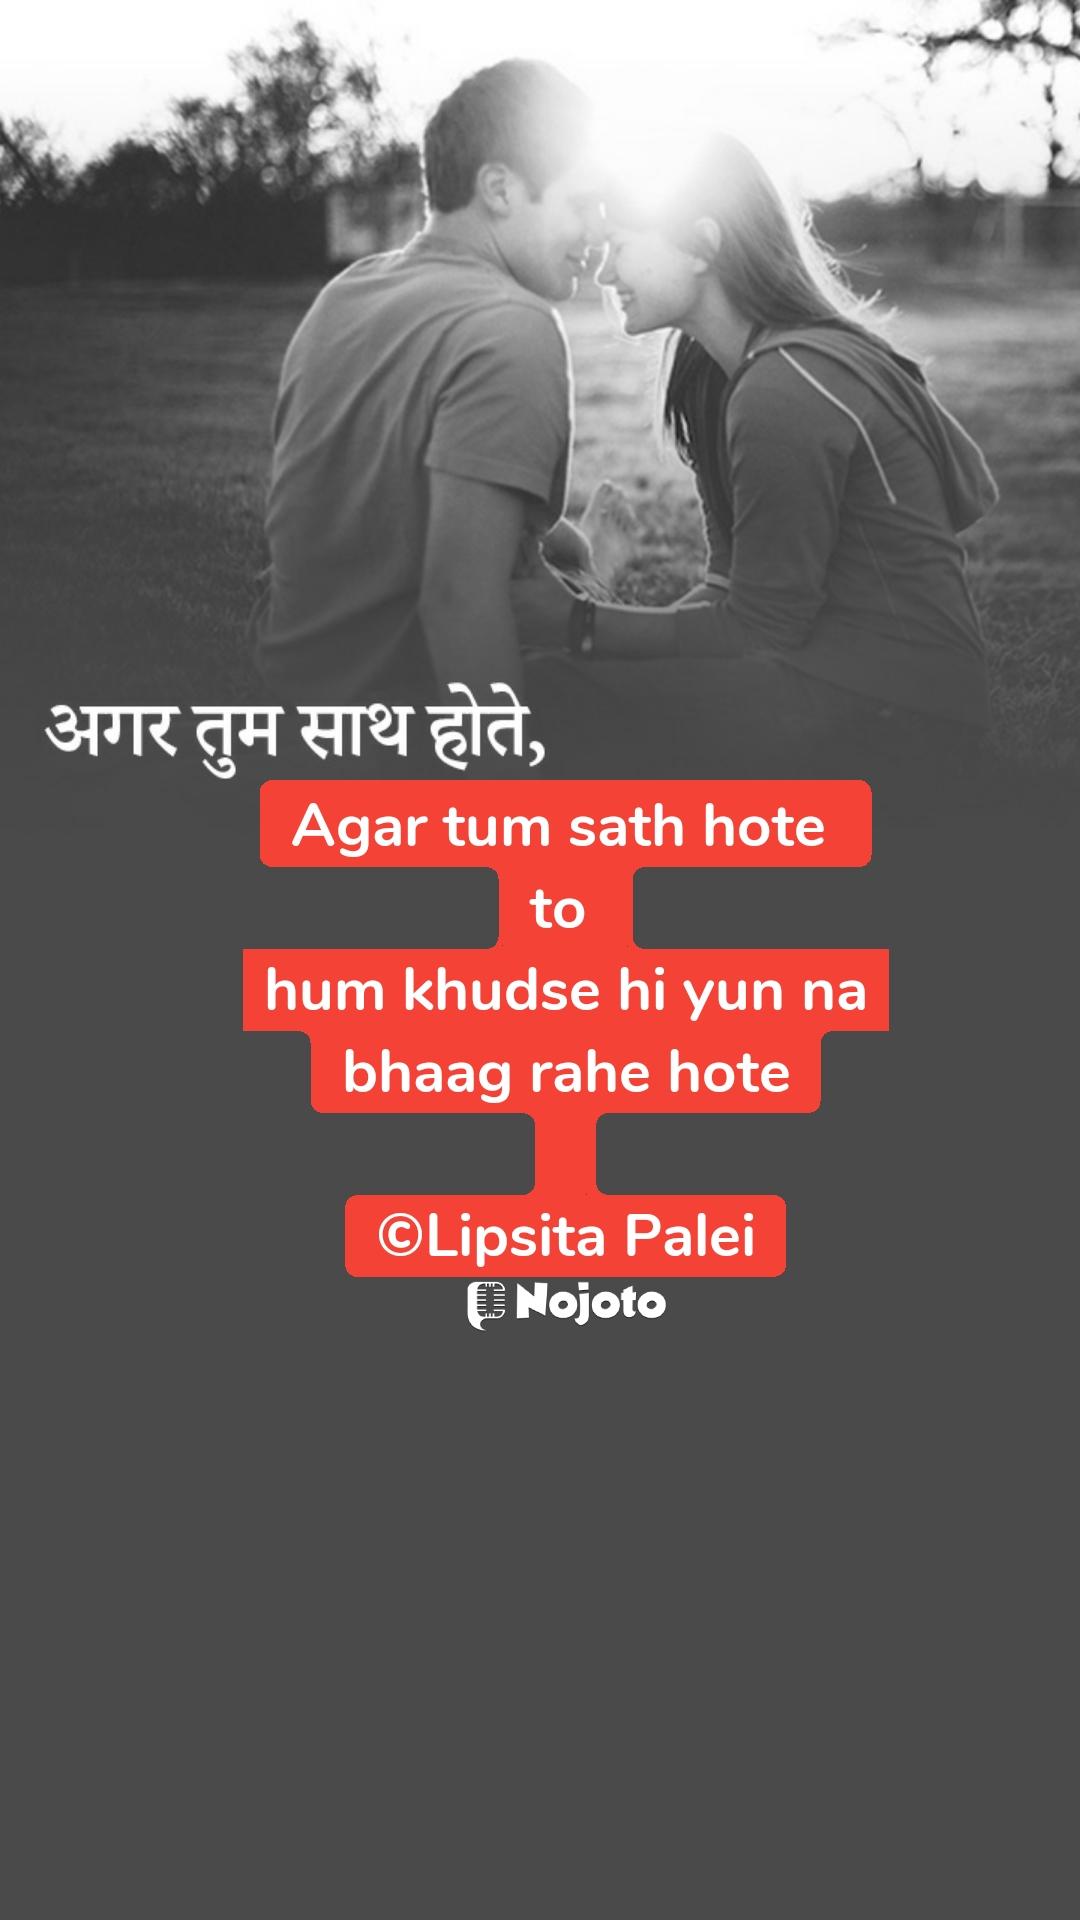 अगर तुम साथ होते,  Agar tum sath hote  to  hum khudse hi yun na bhaag rahe hote  ©Lipsita Palei